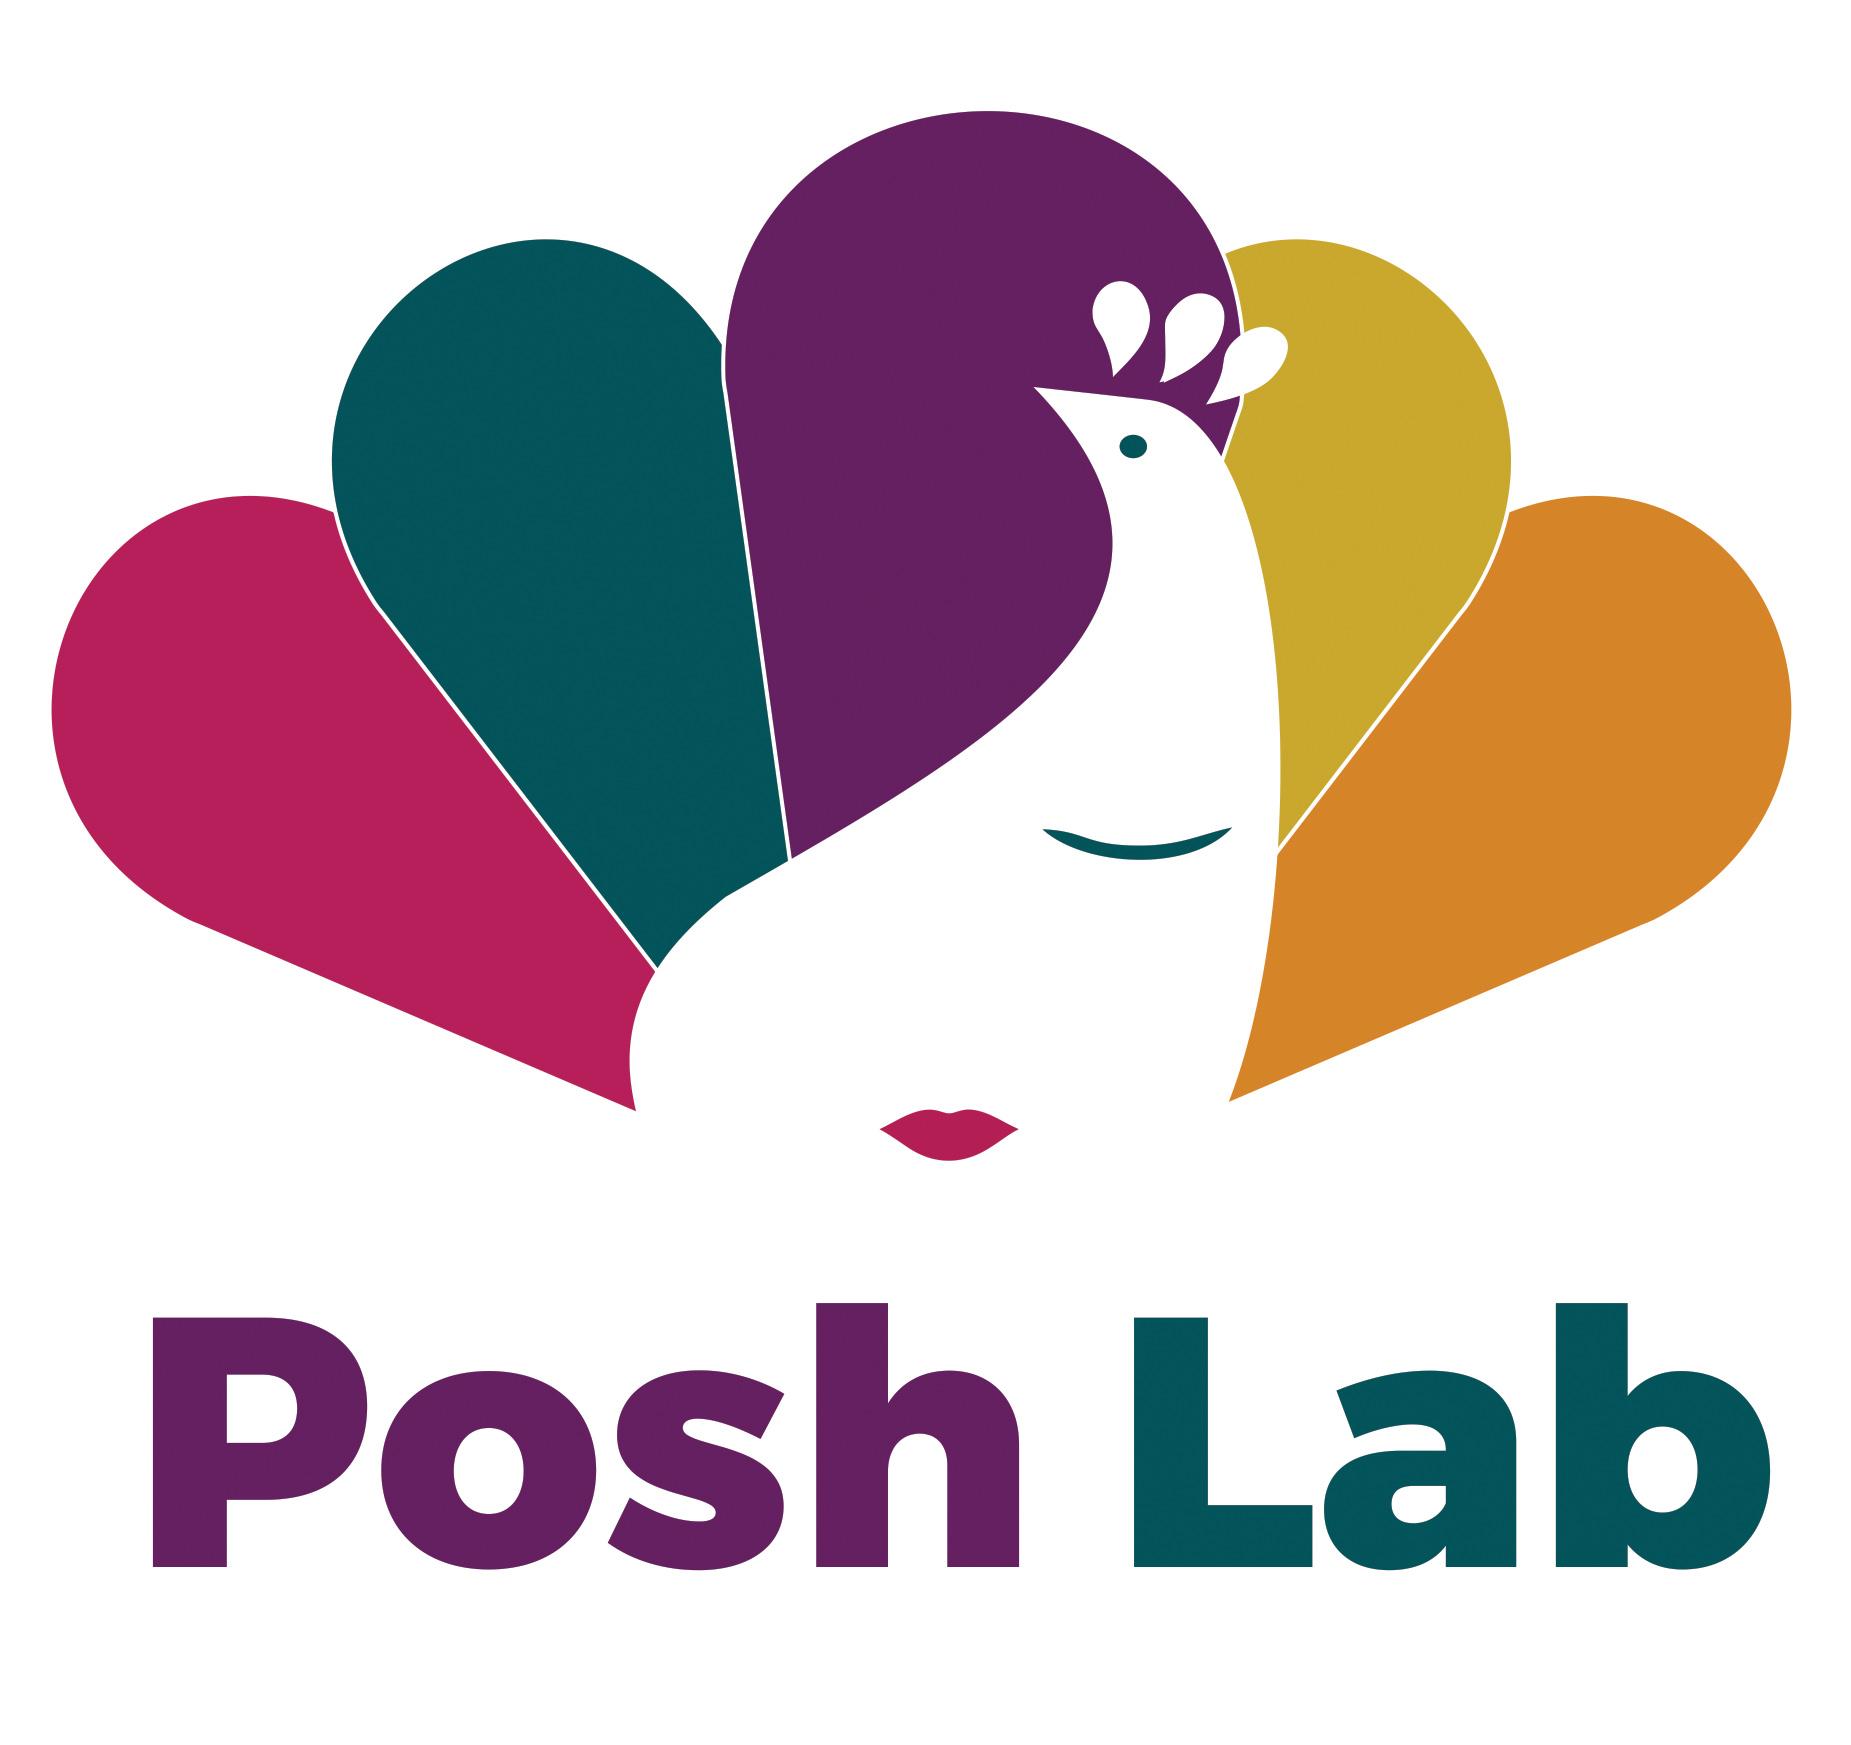 PoshLab